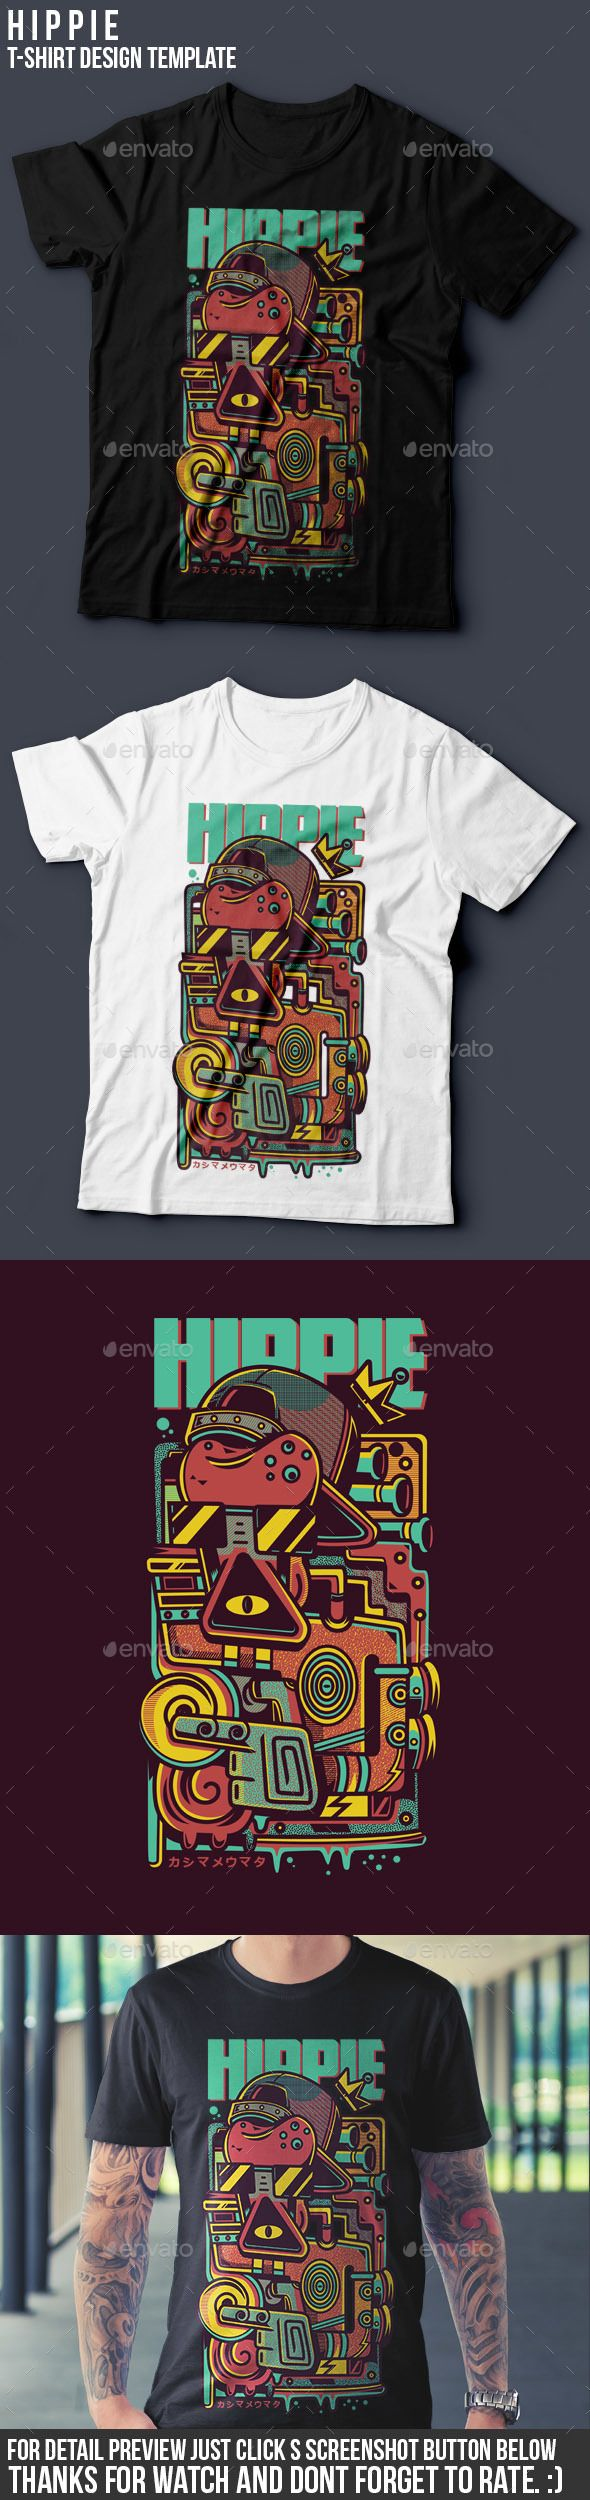 Best 25+ Hippie t shirts ideas on Pinterest   Hippie shirt, Hippie ...